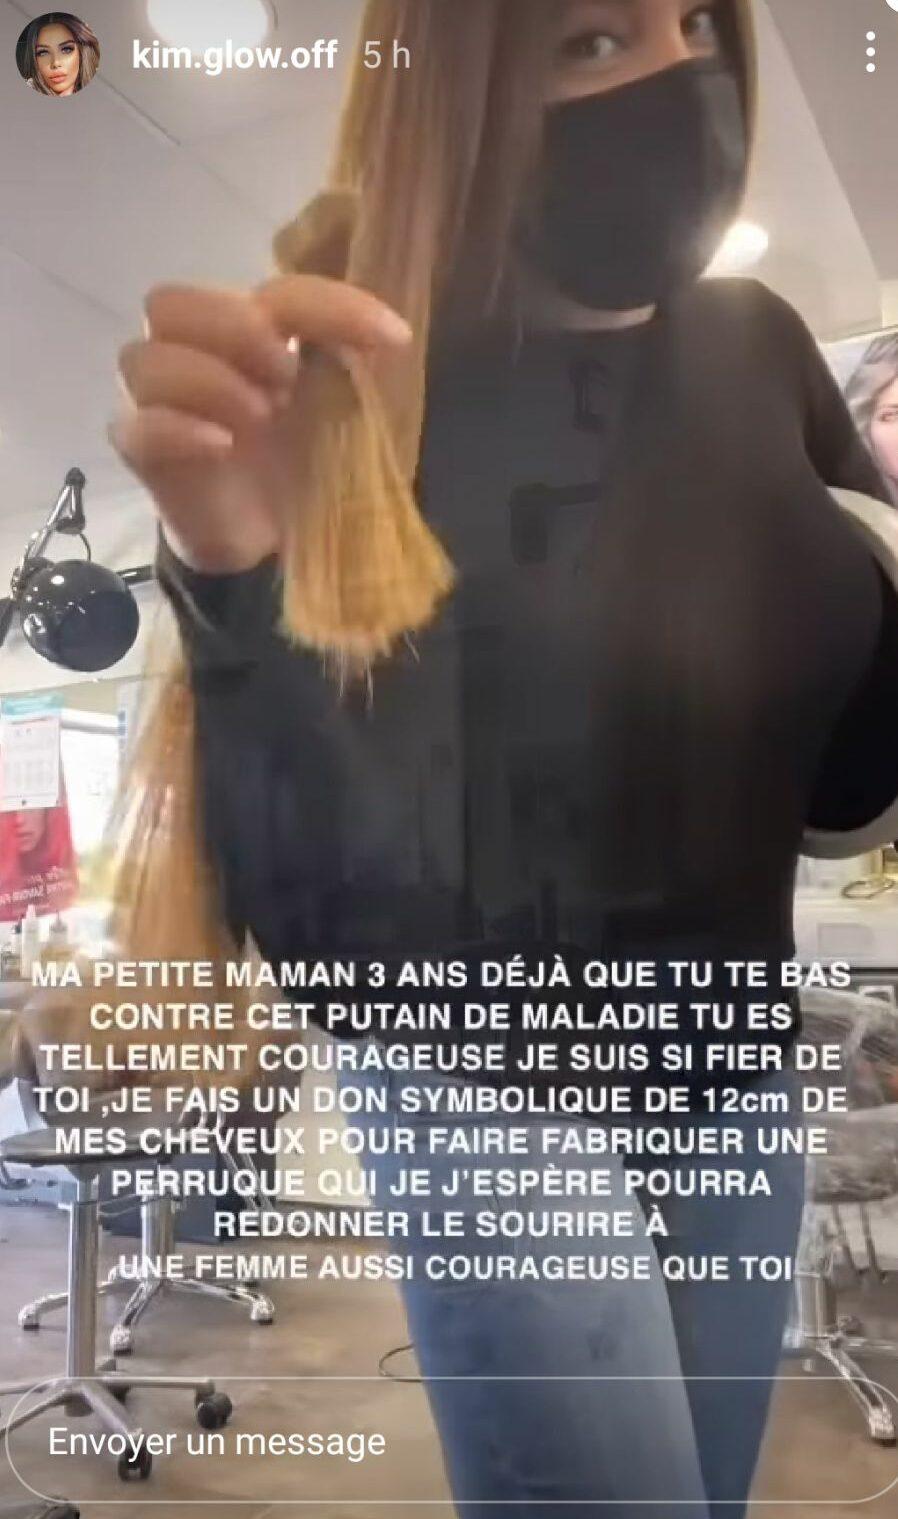 kim-glow-elle-fait-don-de-ses-cheveux-en-soutien-a-sa-mere-atteinte-dun-cancer